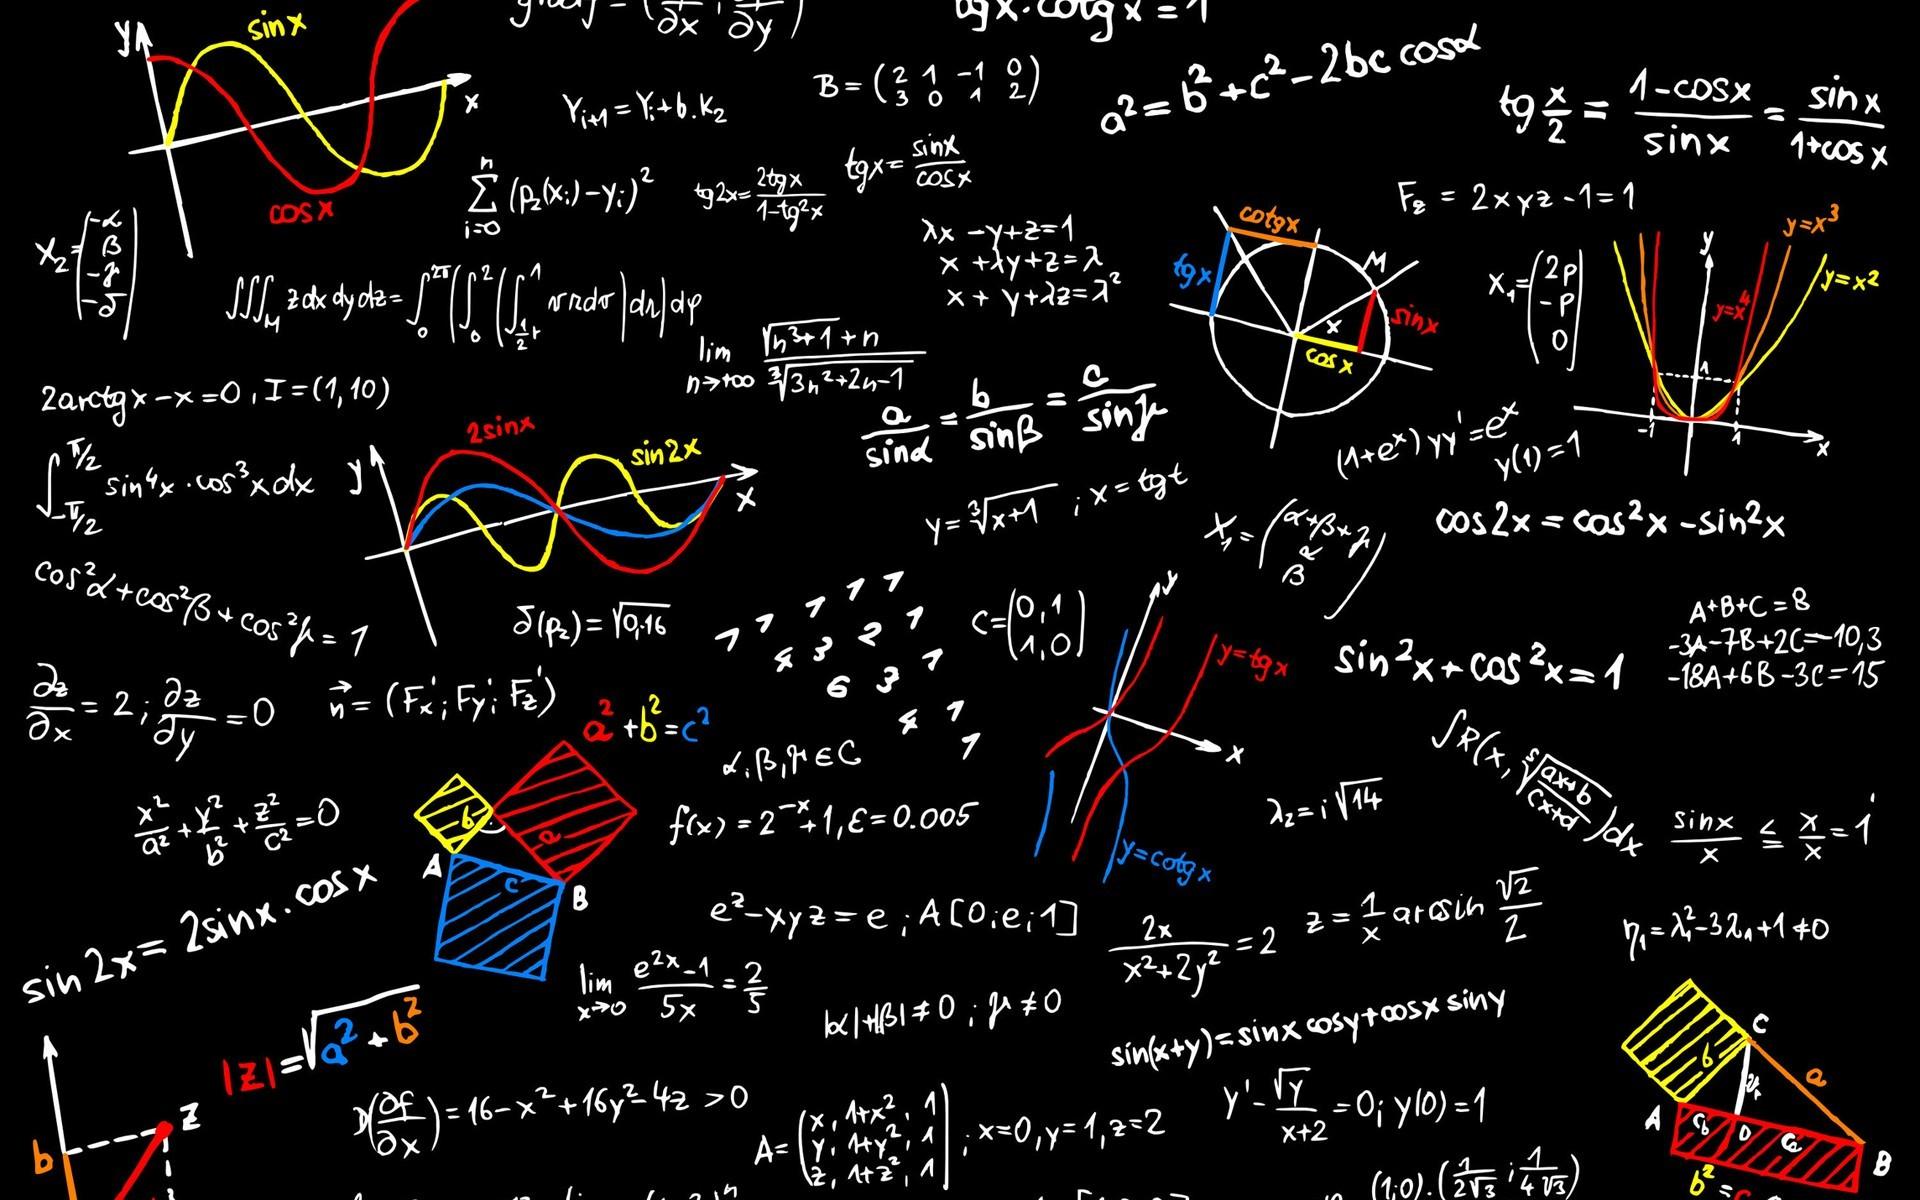 デスクトップ壁紙 数学 星座 式 生物学 形状 ライン フォント